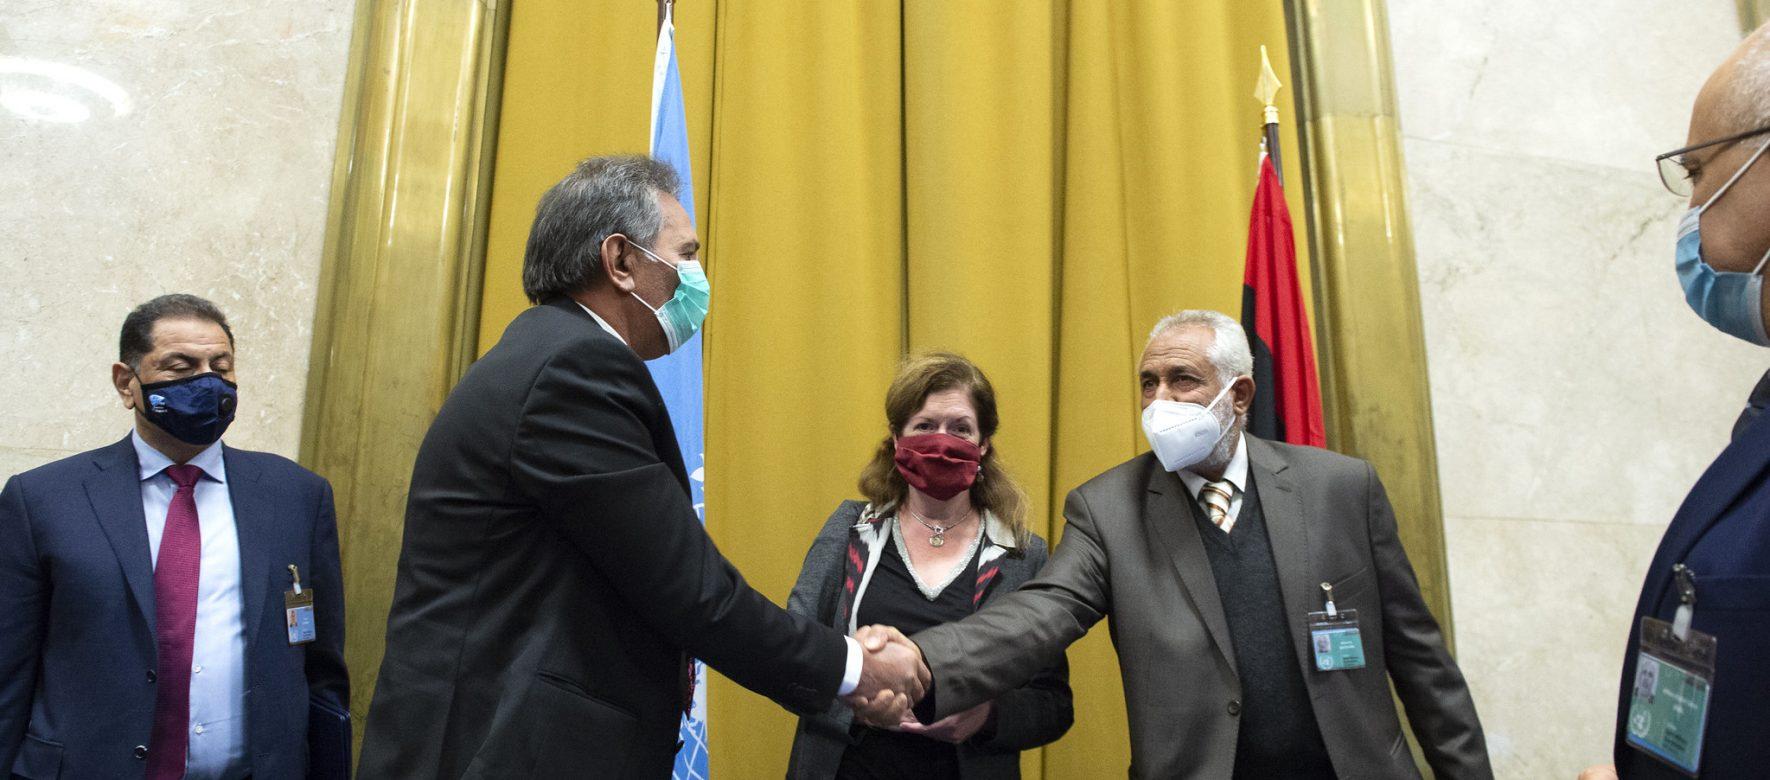 Libye : Un accordhistoriquede cessez-le-feu permanent entre les belligérants